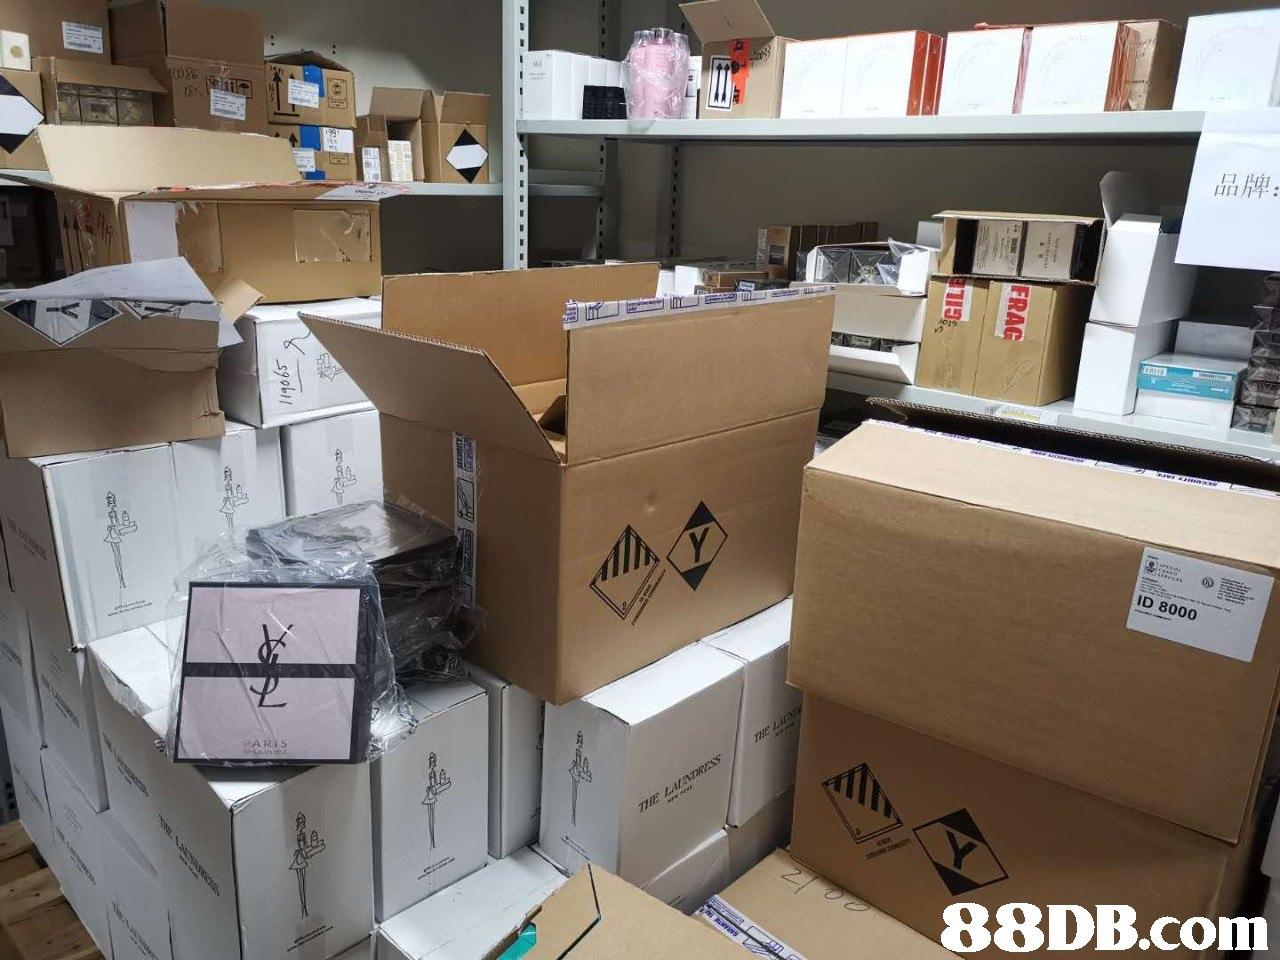 品牌1: D 8000   Carton,Cardboard,Box,Shipping box,Package delivery